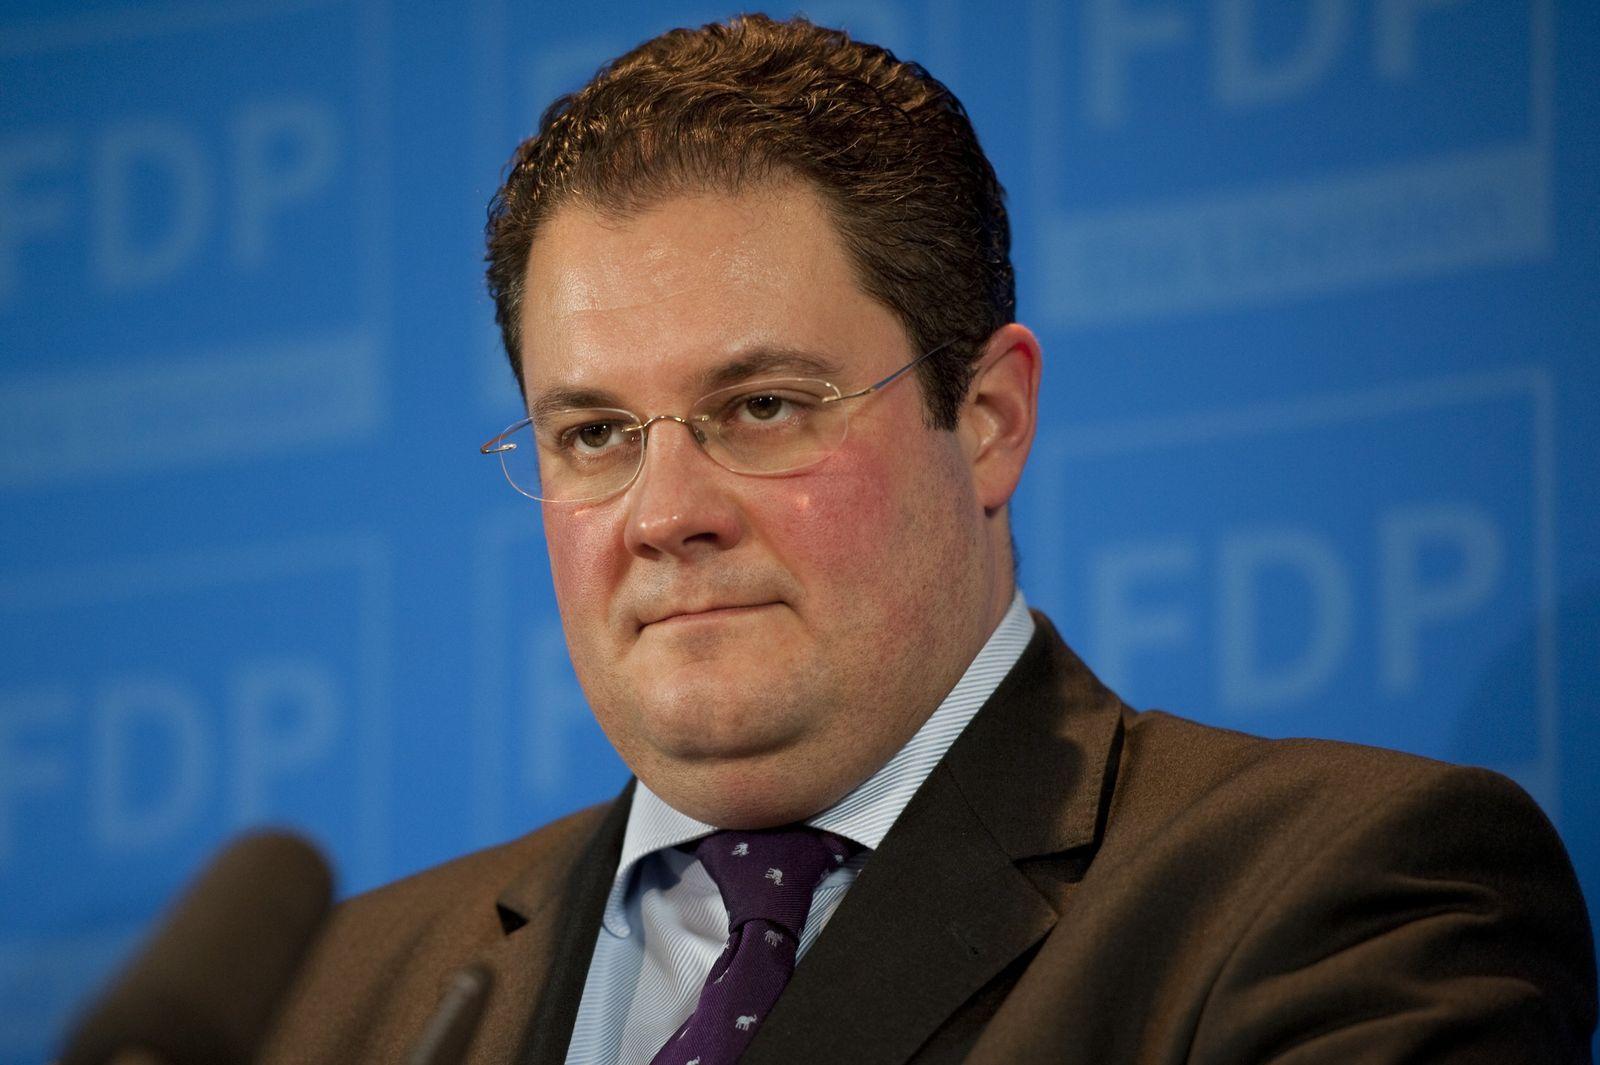 Patrick Döring